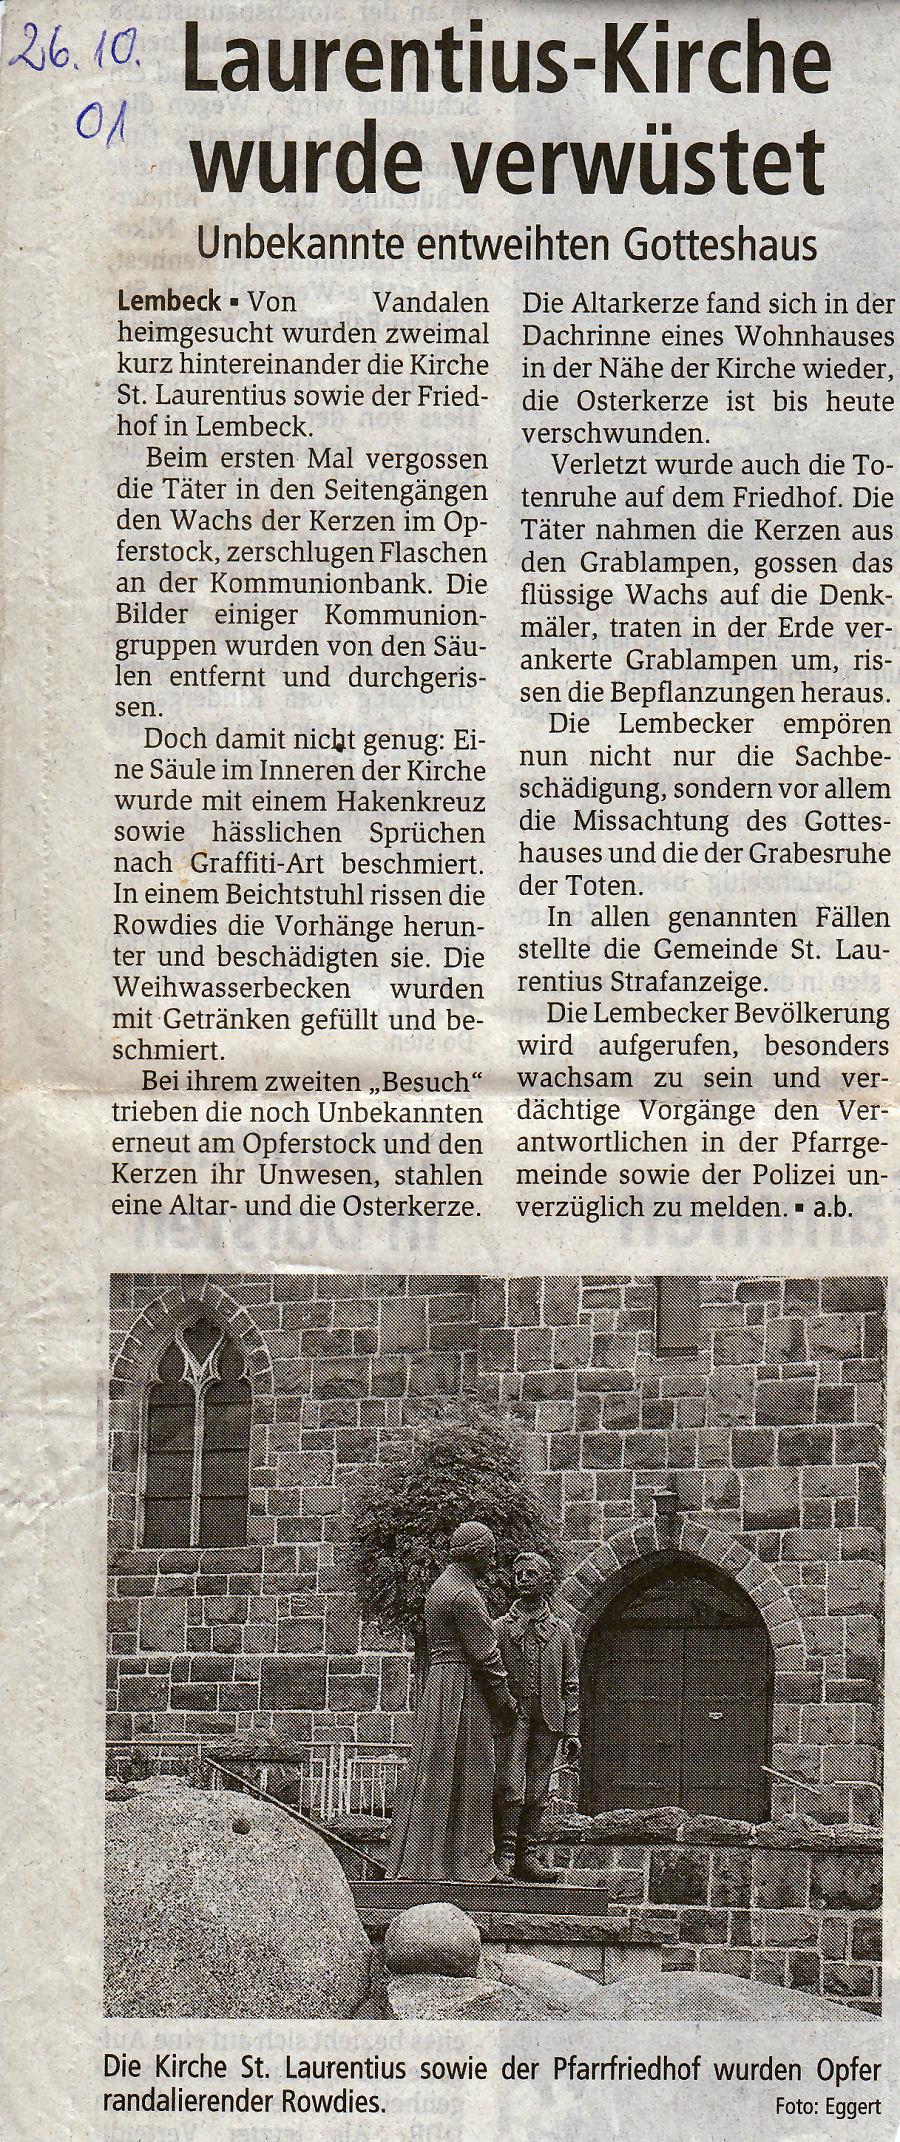 Laurentiuskirche_wurde_verwuestet_DZ_20011026